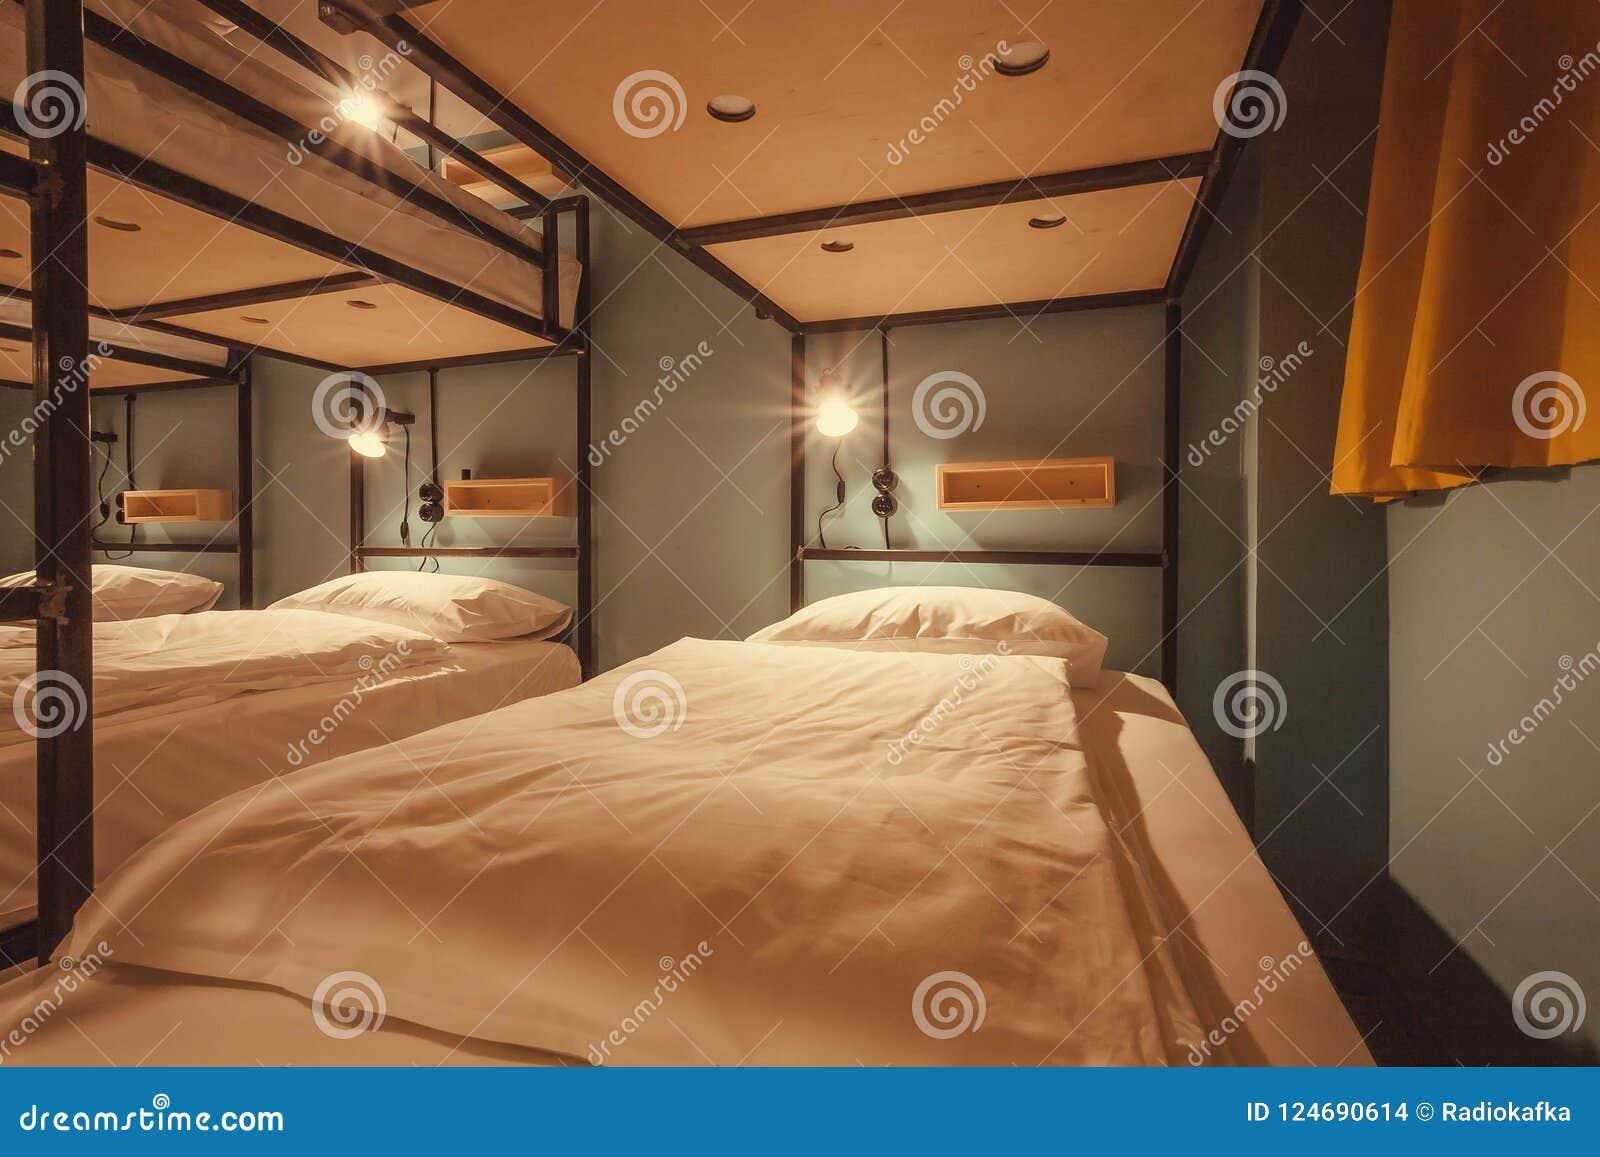 Wewnętrzny projekt dorm pokój turystyczny schronisko z czystymi łóżkami dla dwanaście ludzi